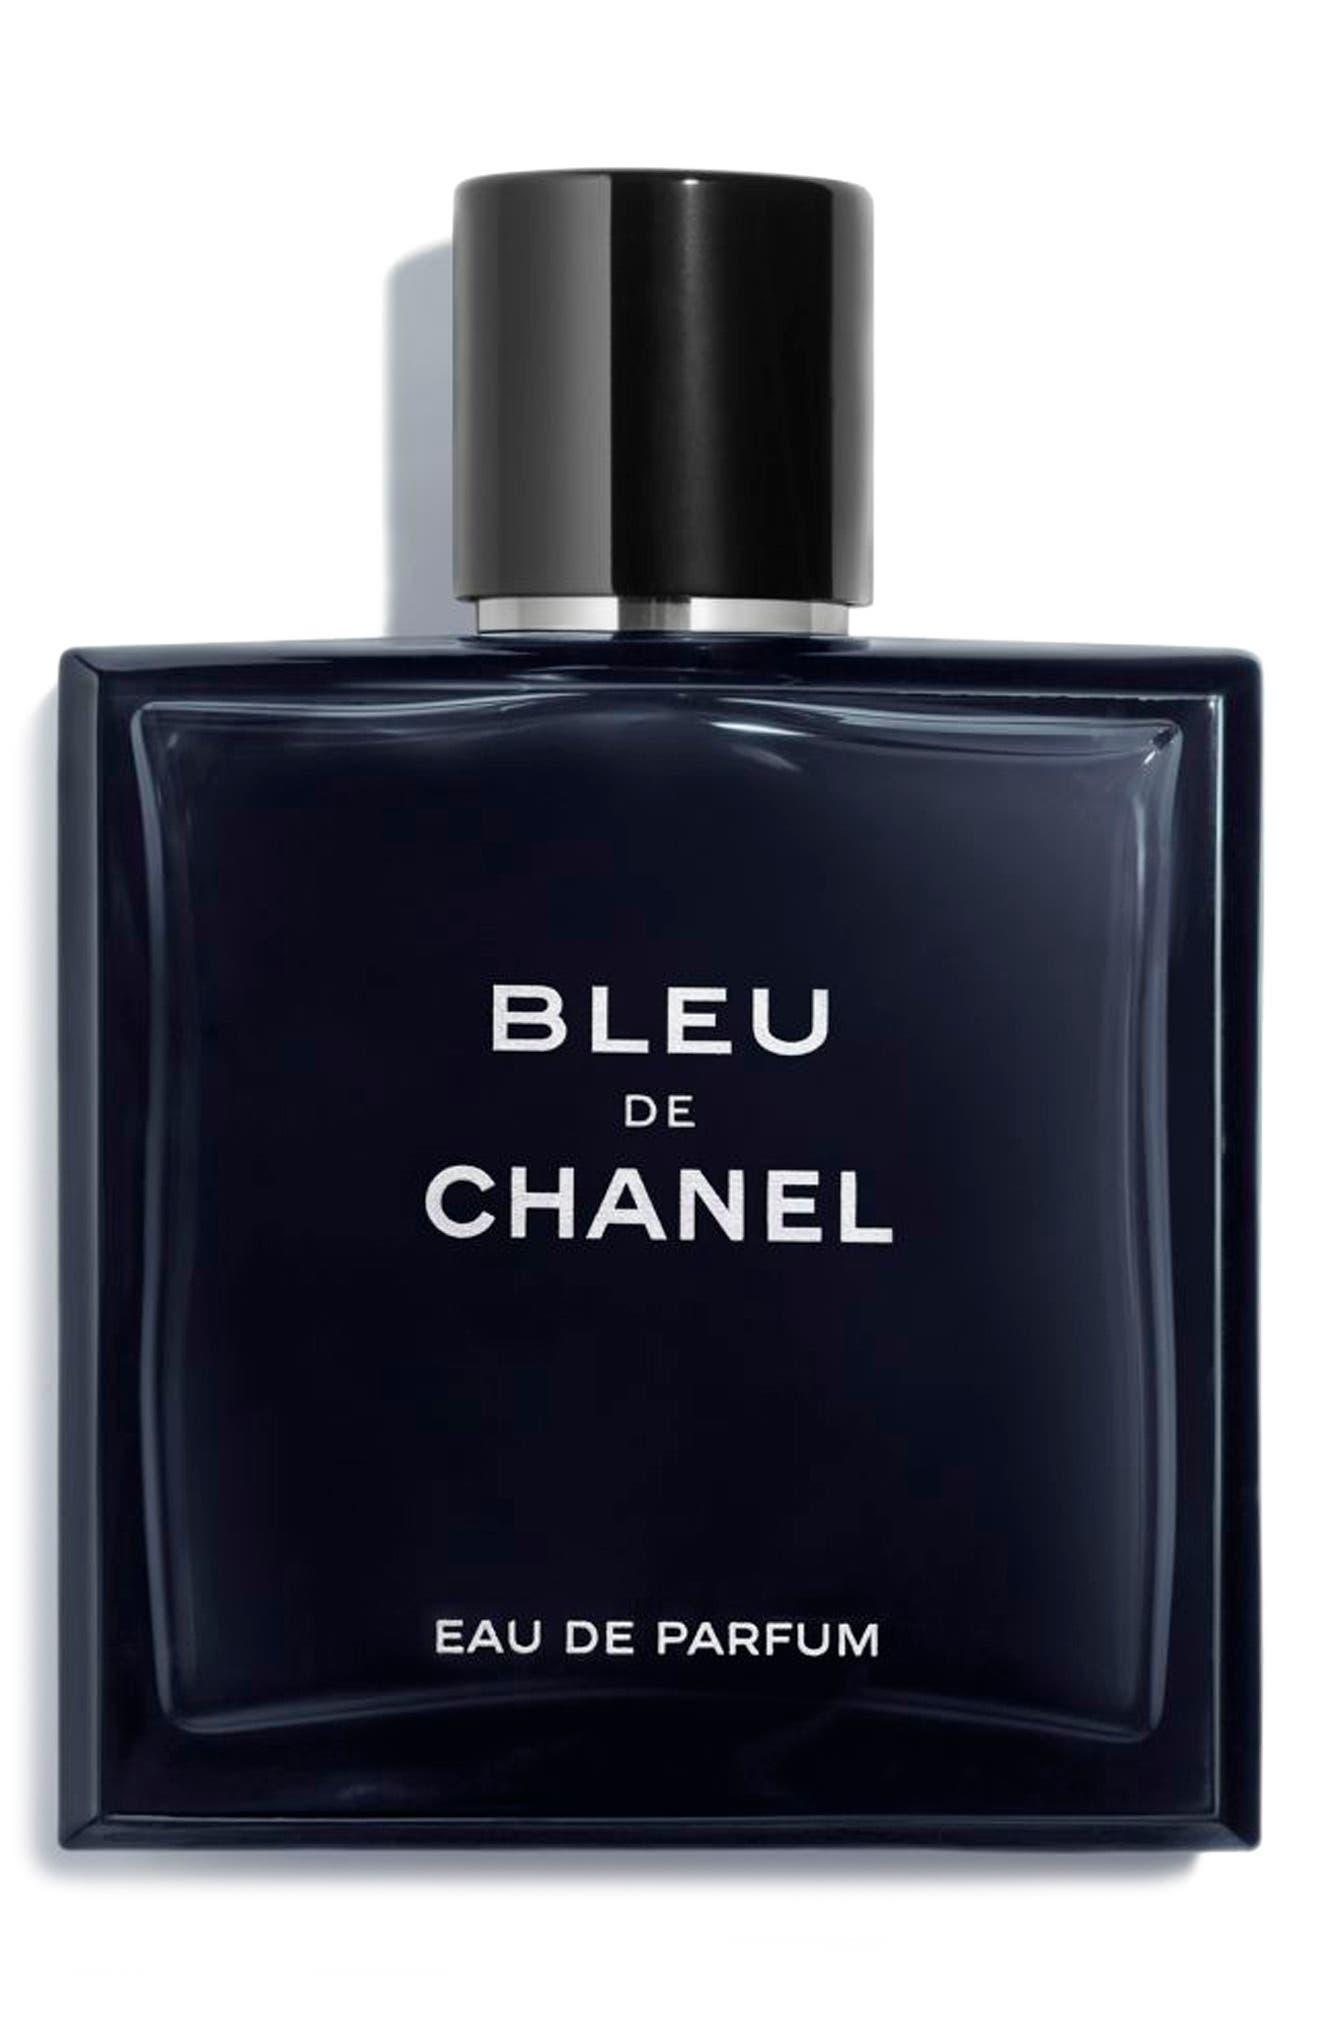 BLEU DE CHANEL Eau de Parfum Pour Homme Spray, Main, color, NO COLOR